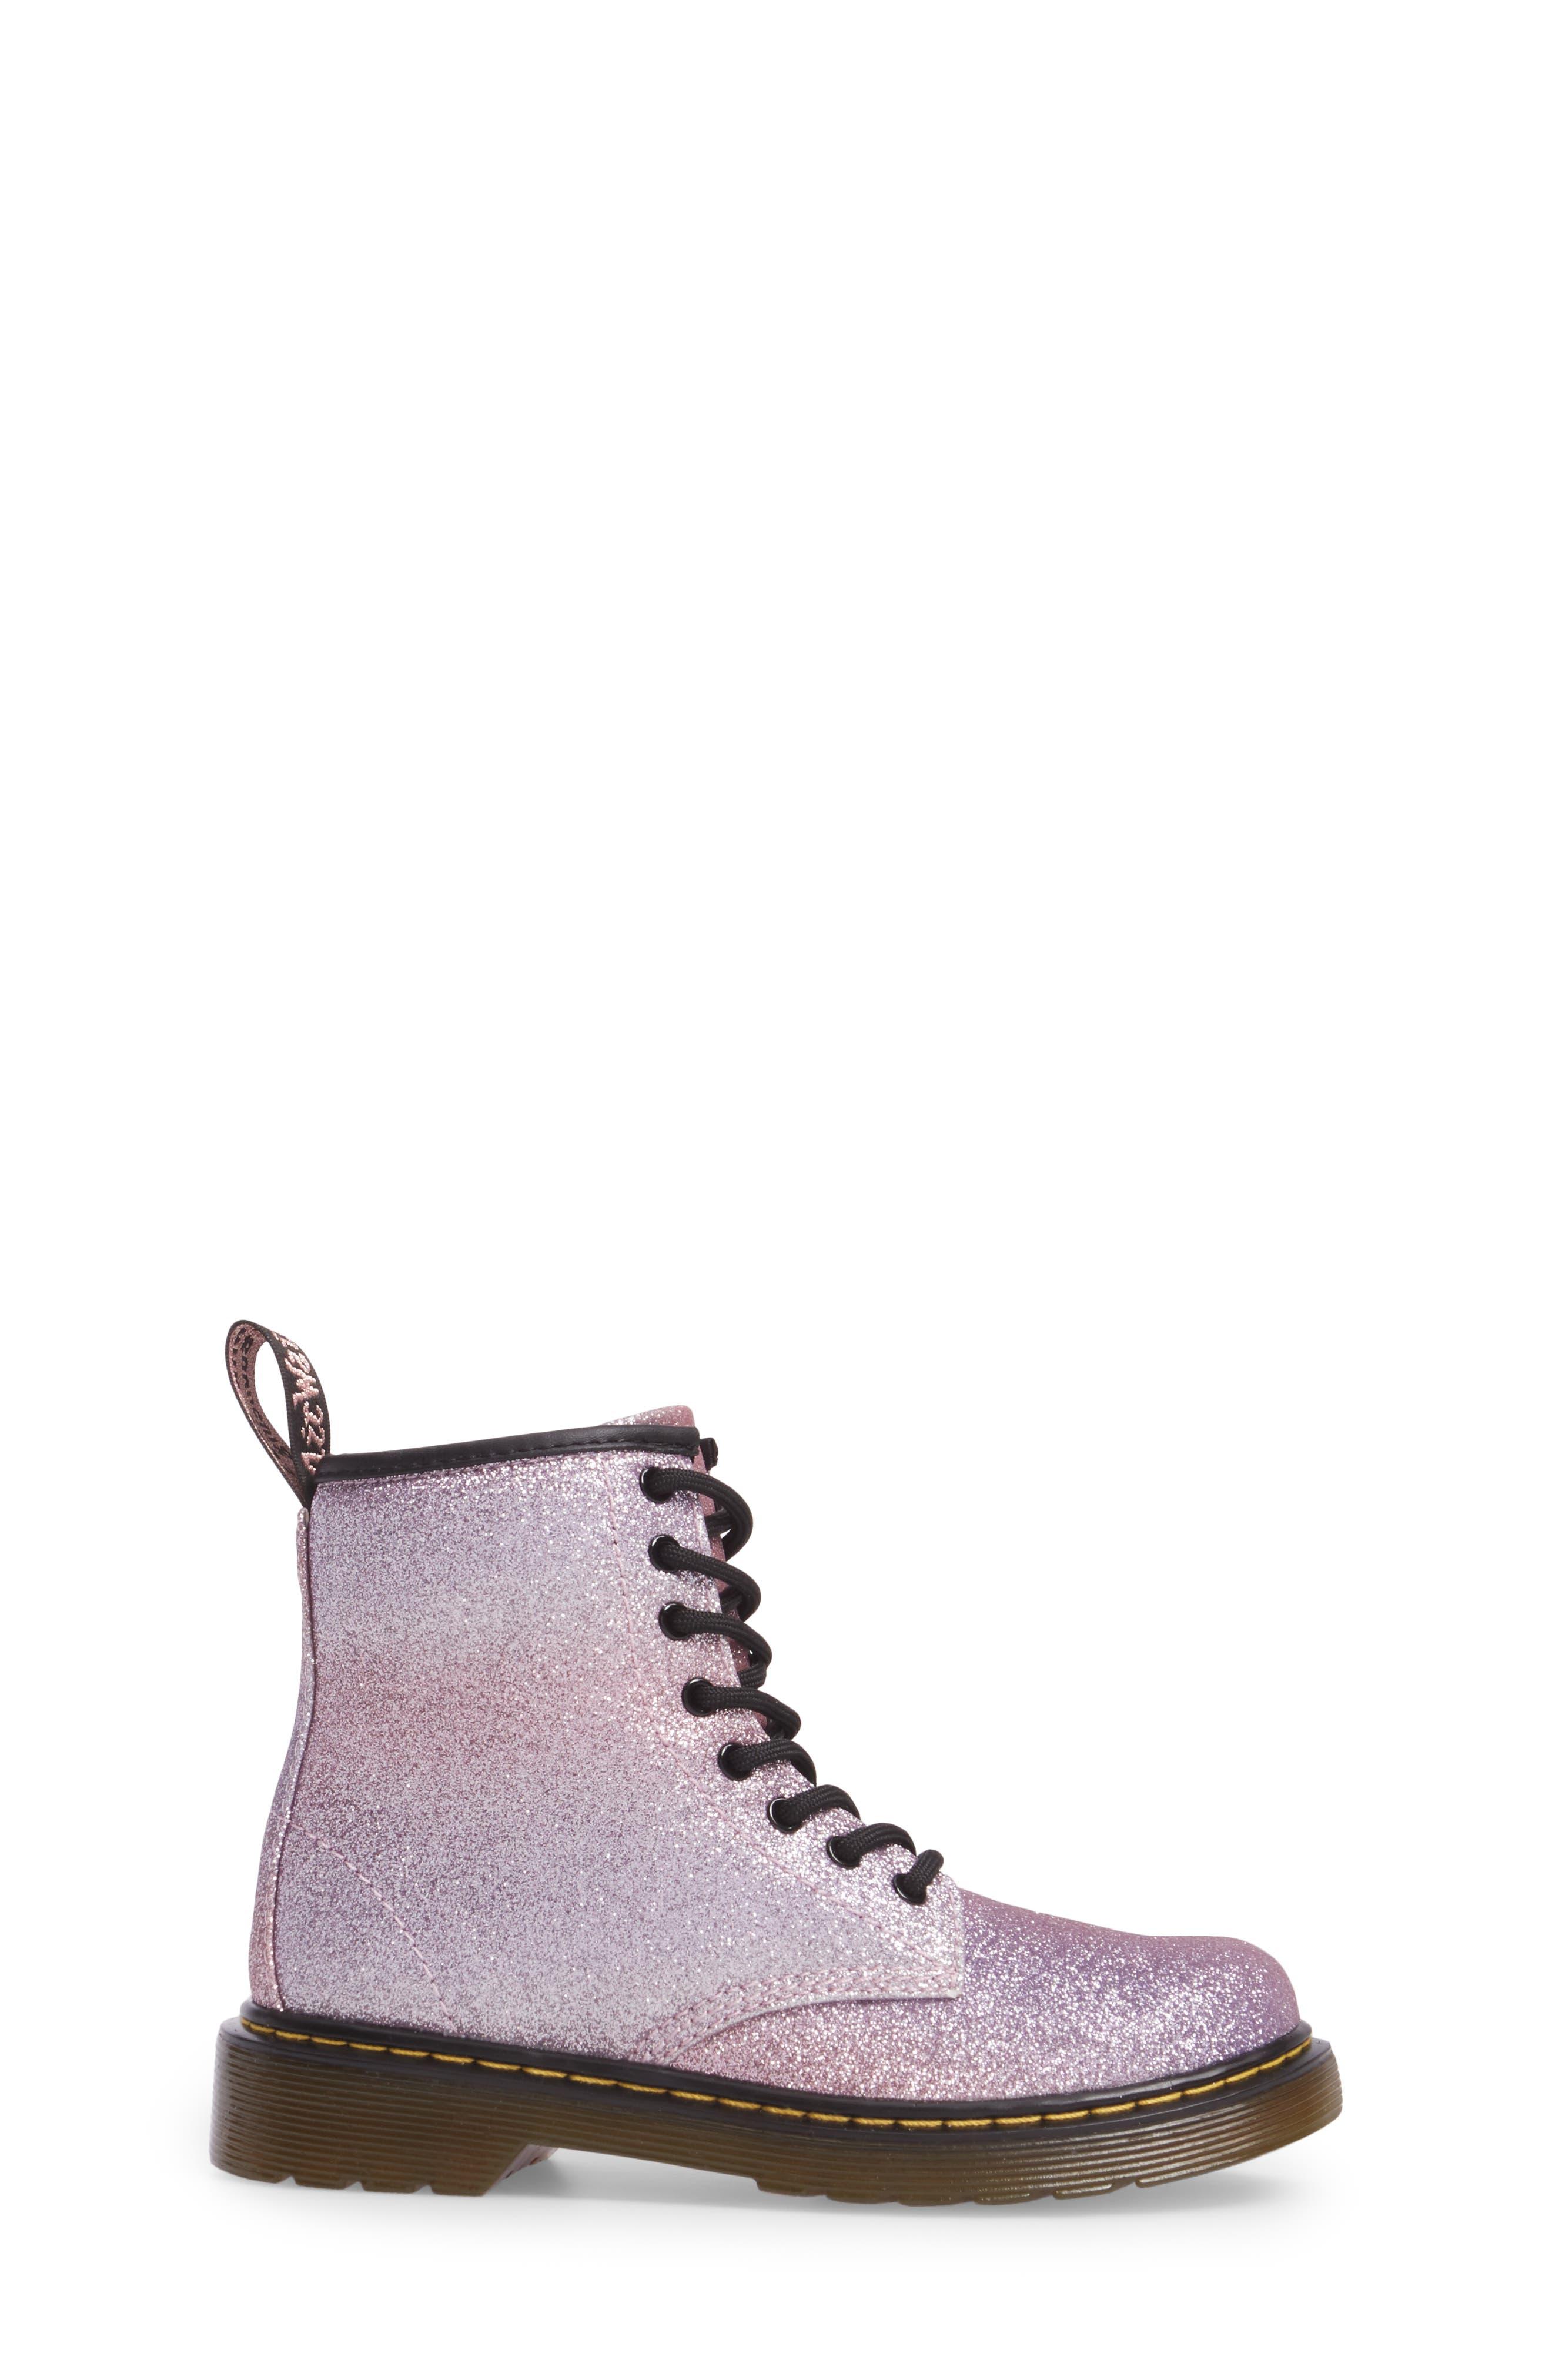 Alternate Image 3  - Dr. Martens Delaney Glitter Boot (Toddler, Little Kid & Big Kid)